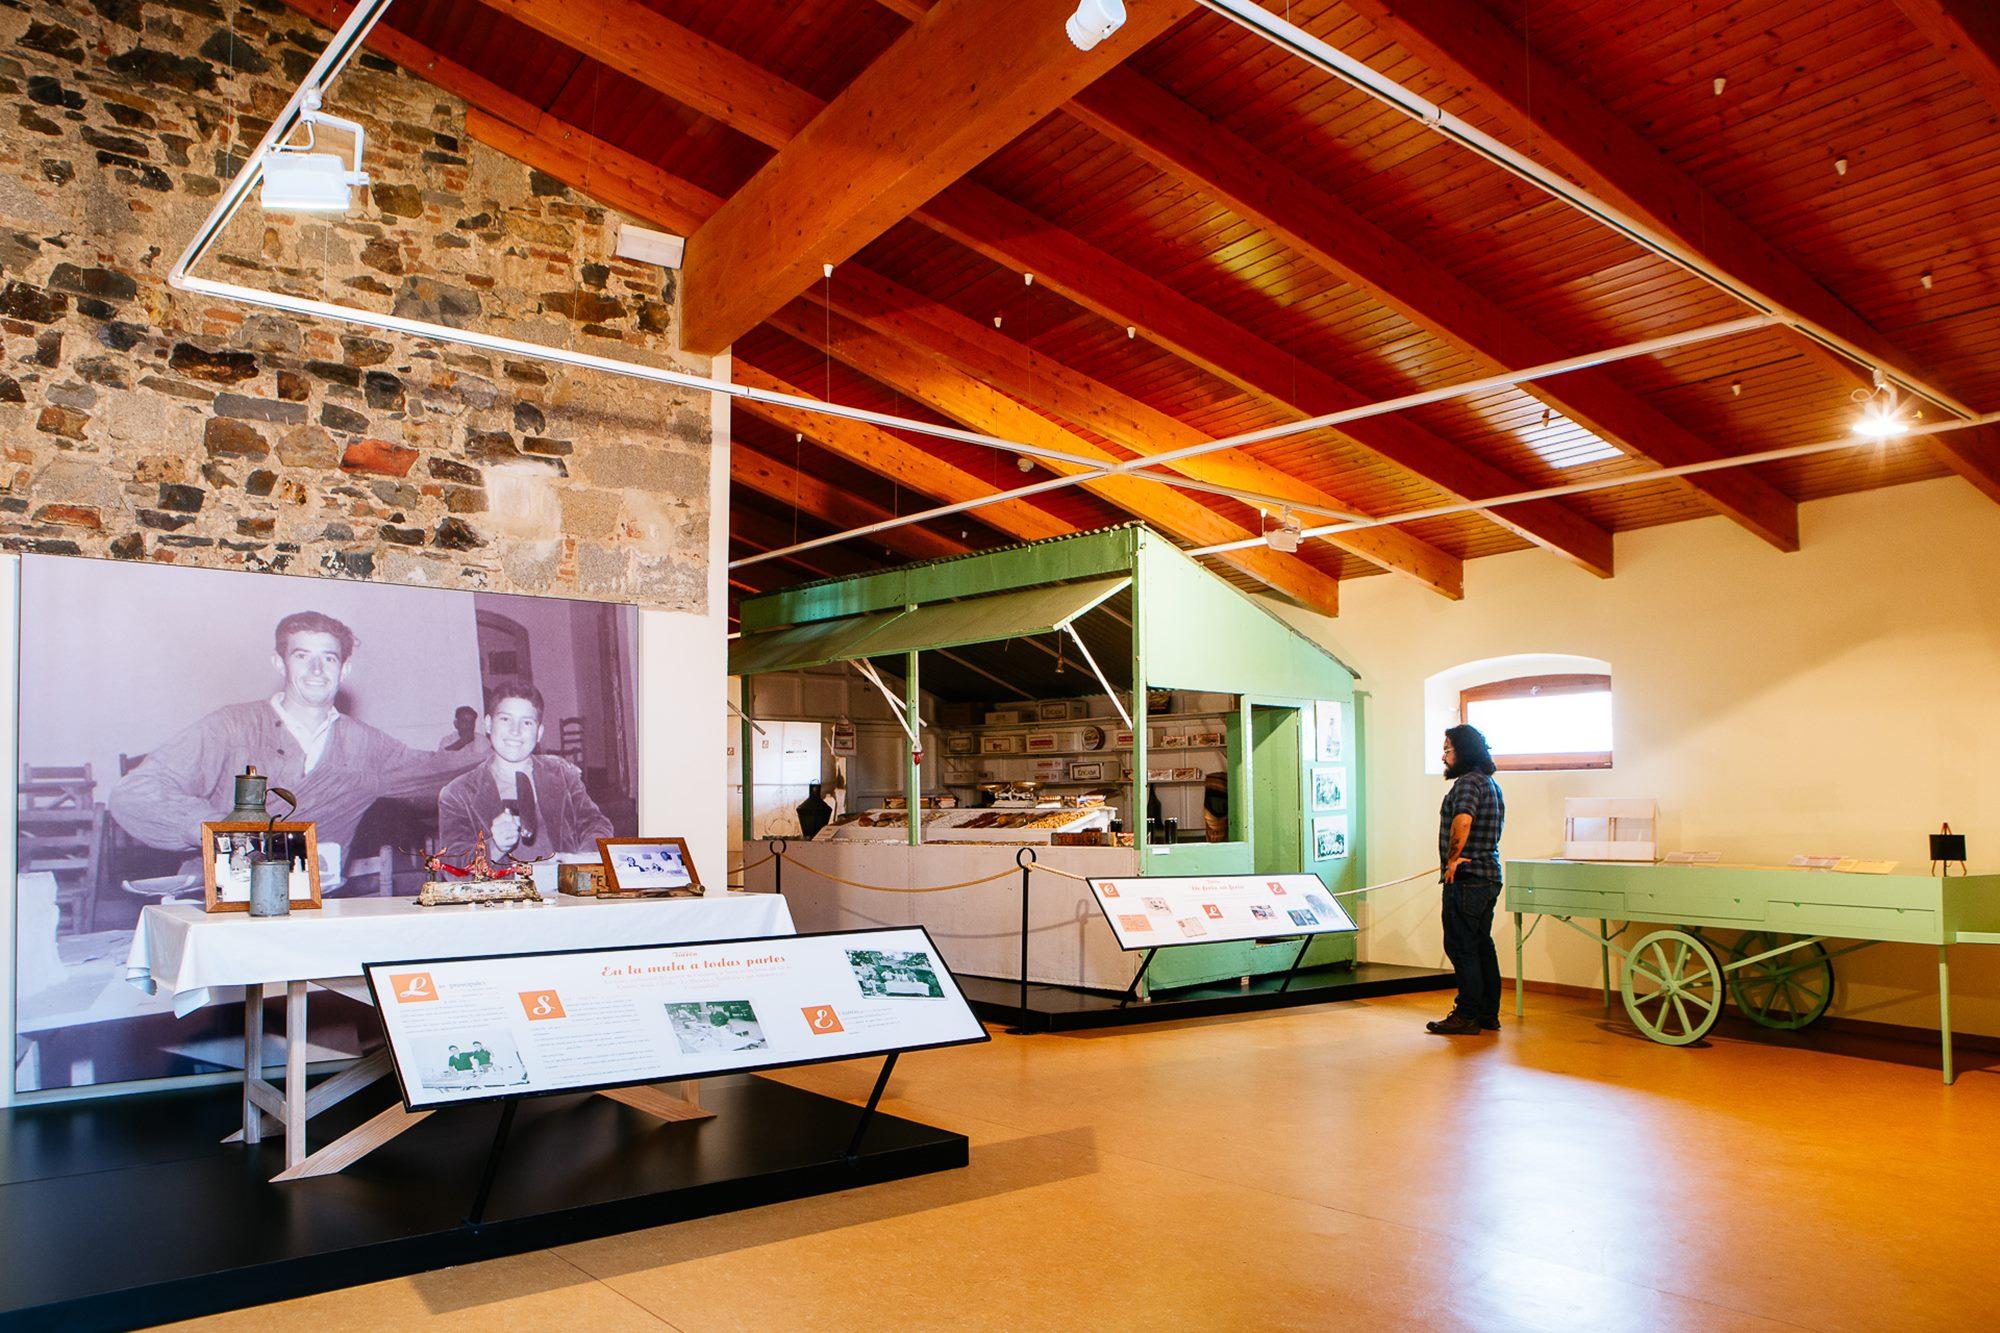 En el Museo del Turrón se entiende de qué manera ha influido el turrón en la vida de los castueranos.